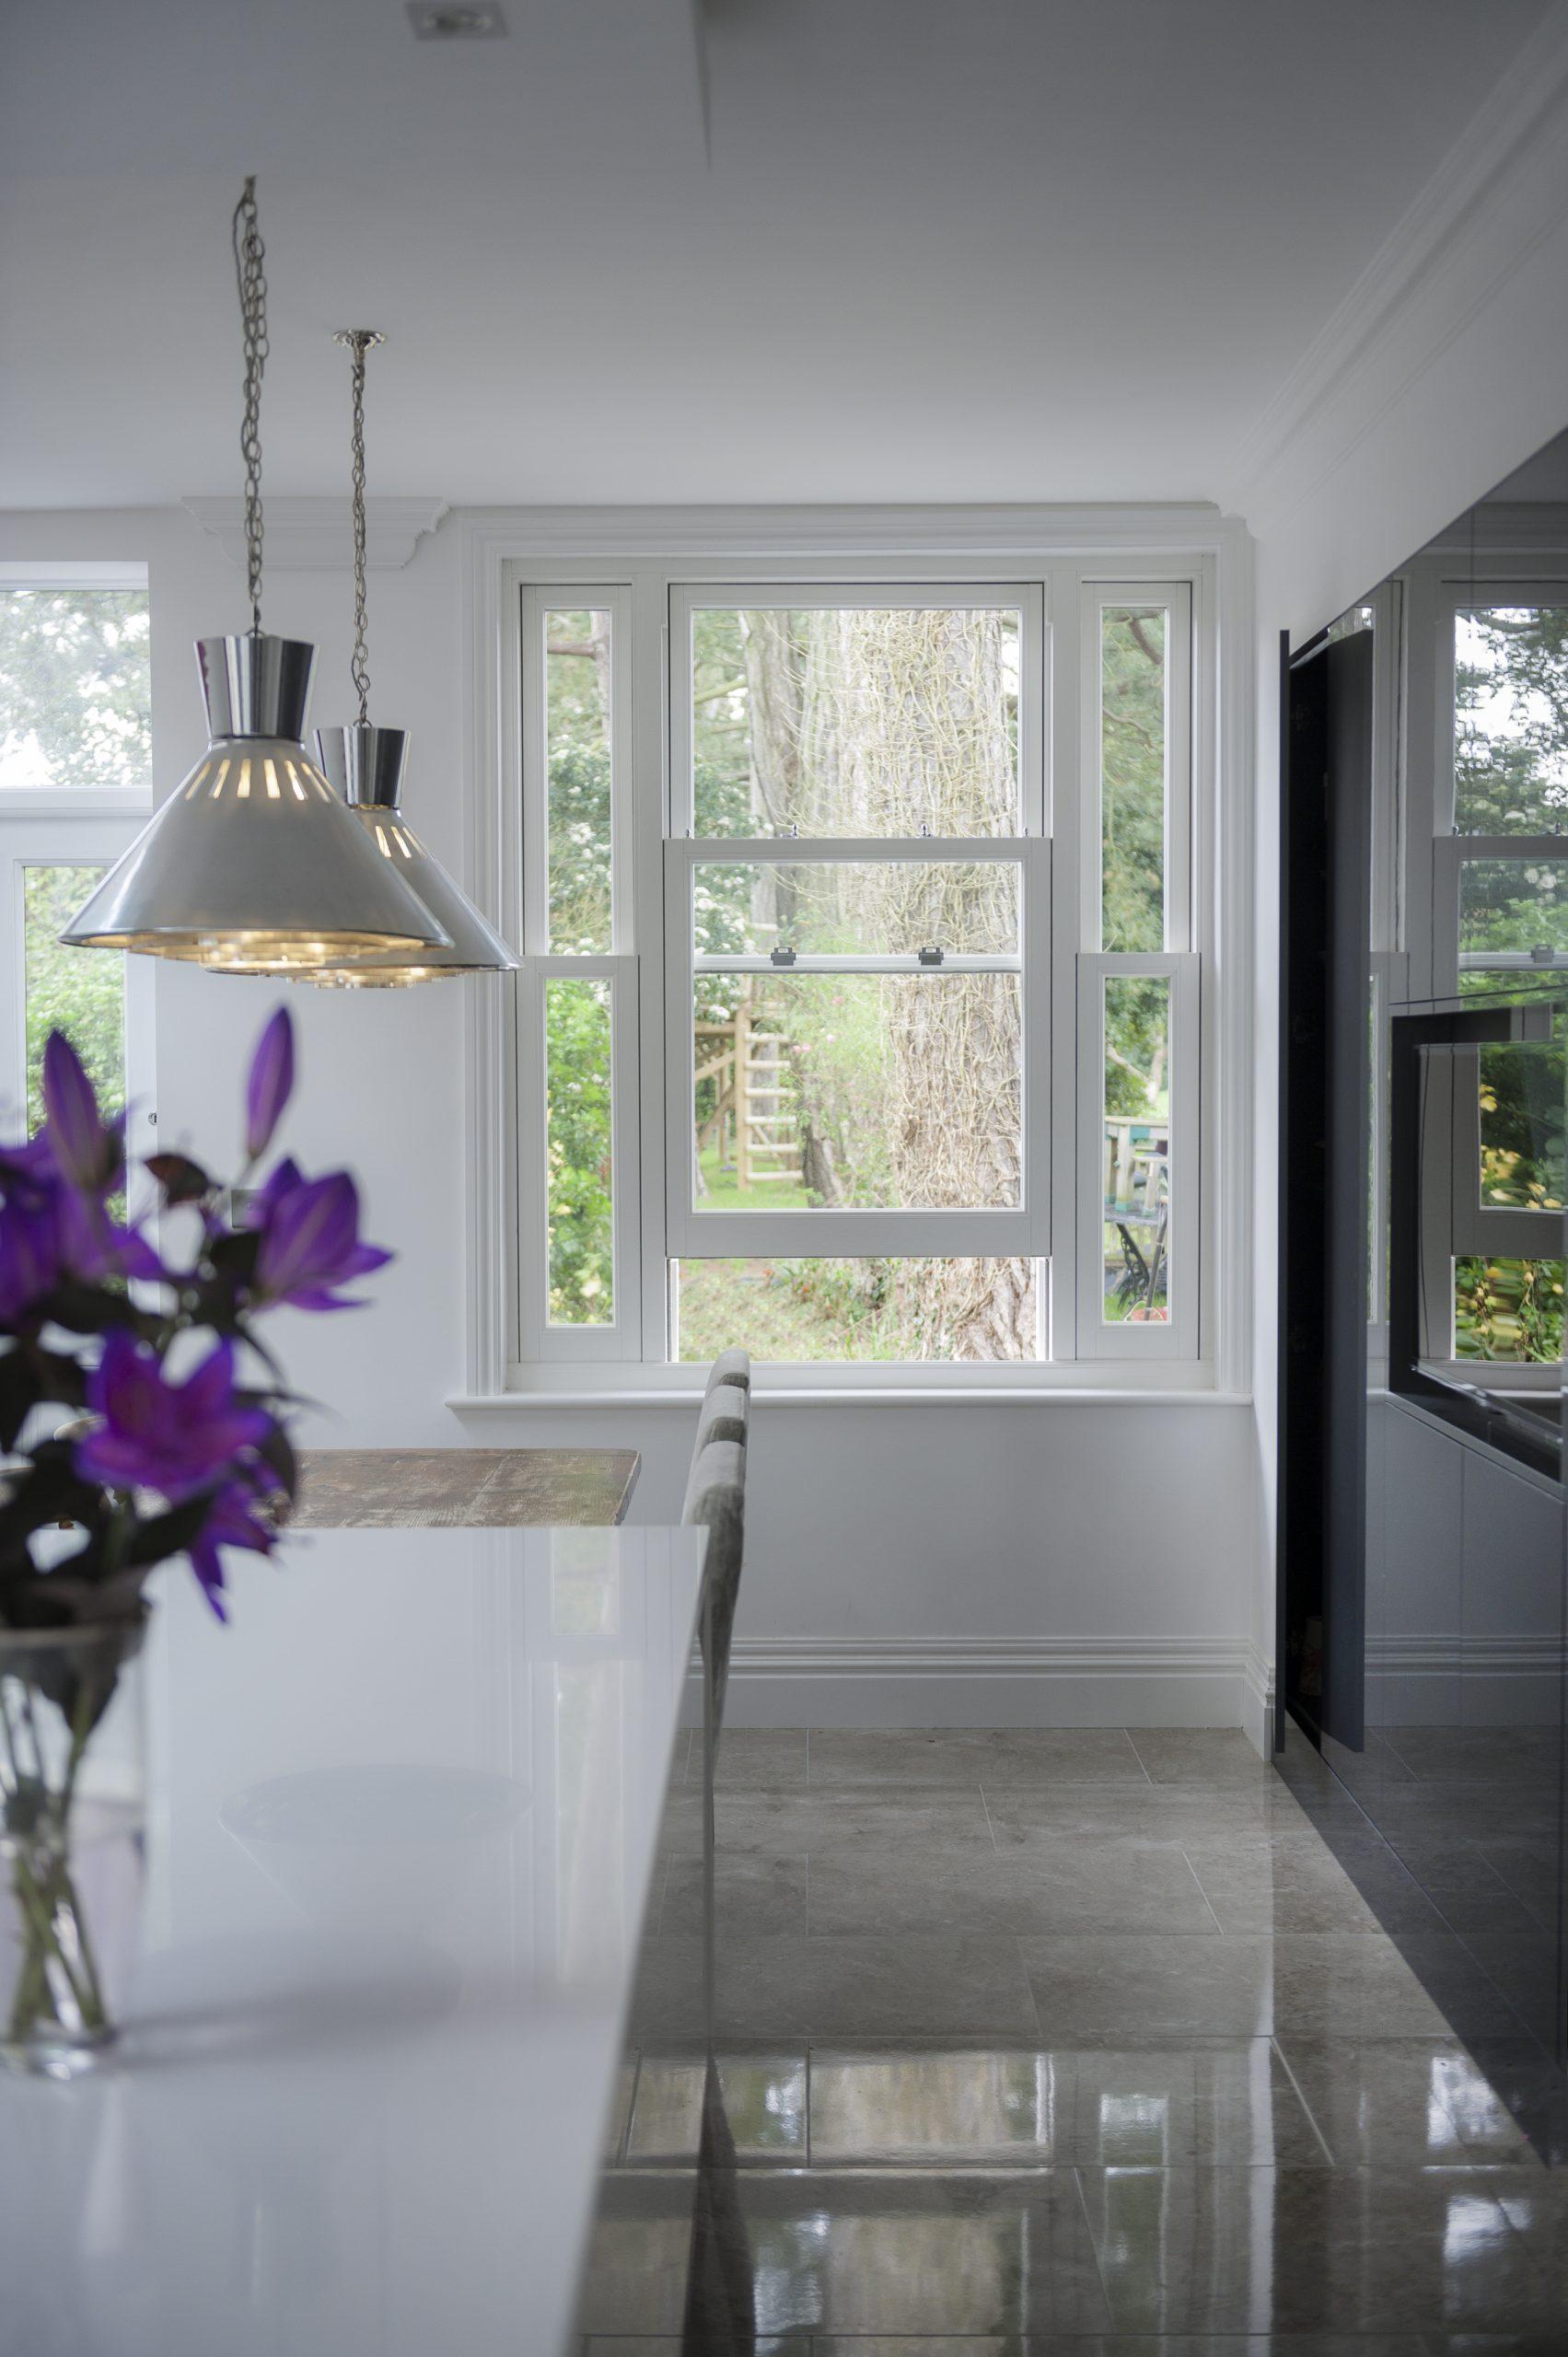 Slightly open white sash window in kitchen.